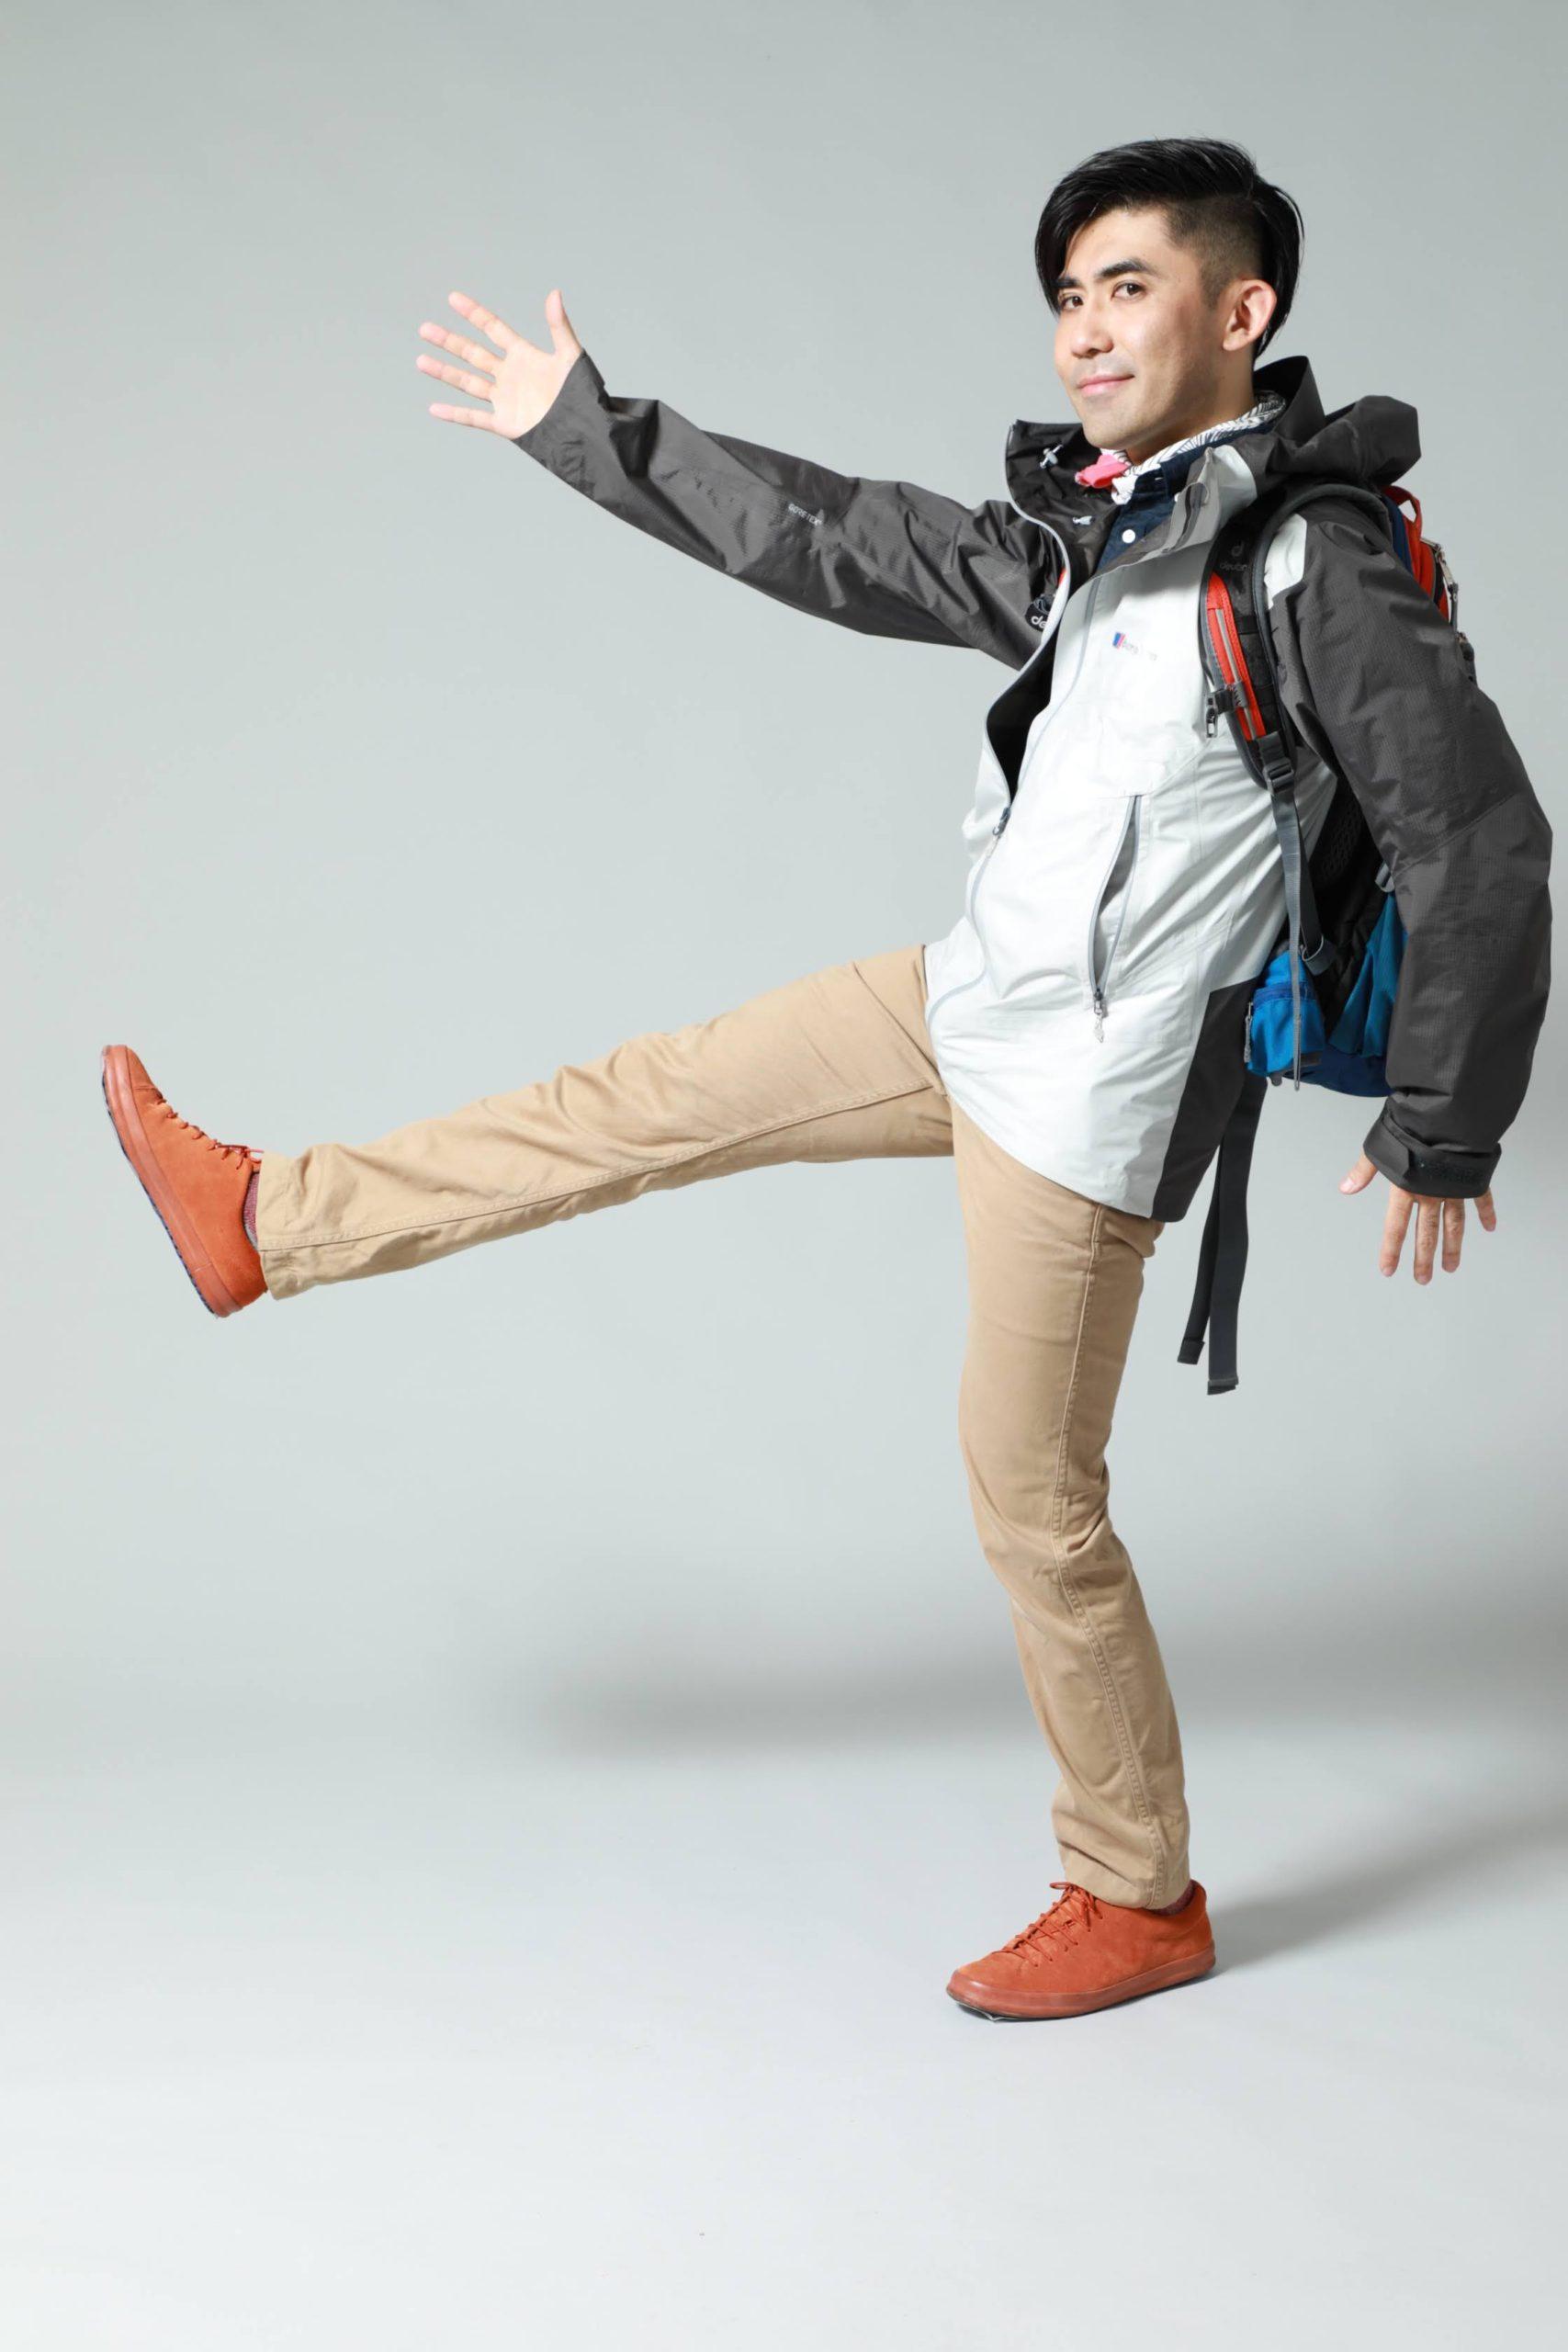 ※日程変更【限定企画】 黒澤世莉によるワークショップ~ちょっとおためし!マイズナーテクニック1日体験クラス~